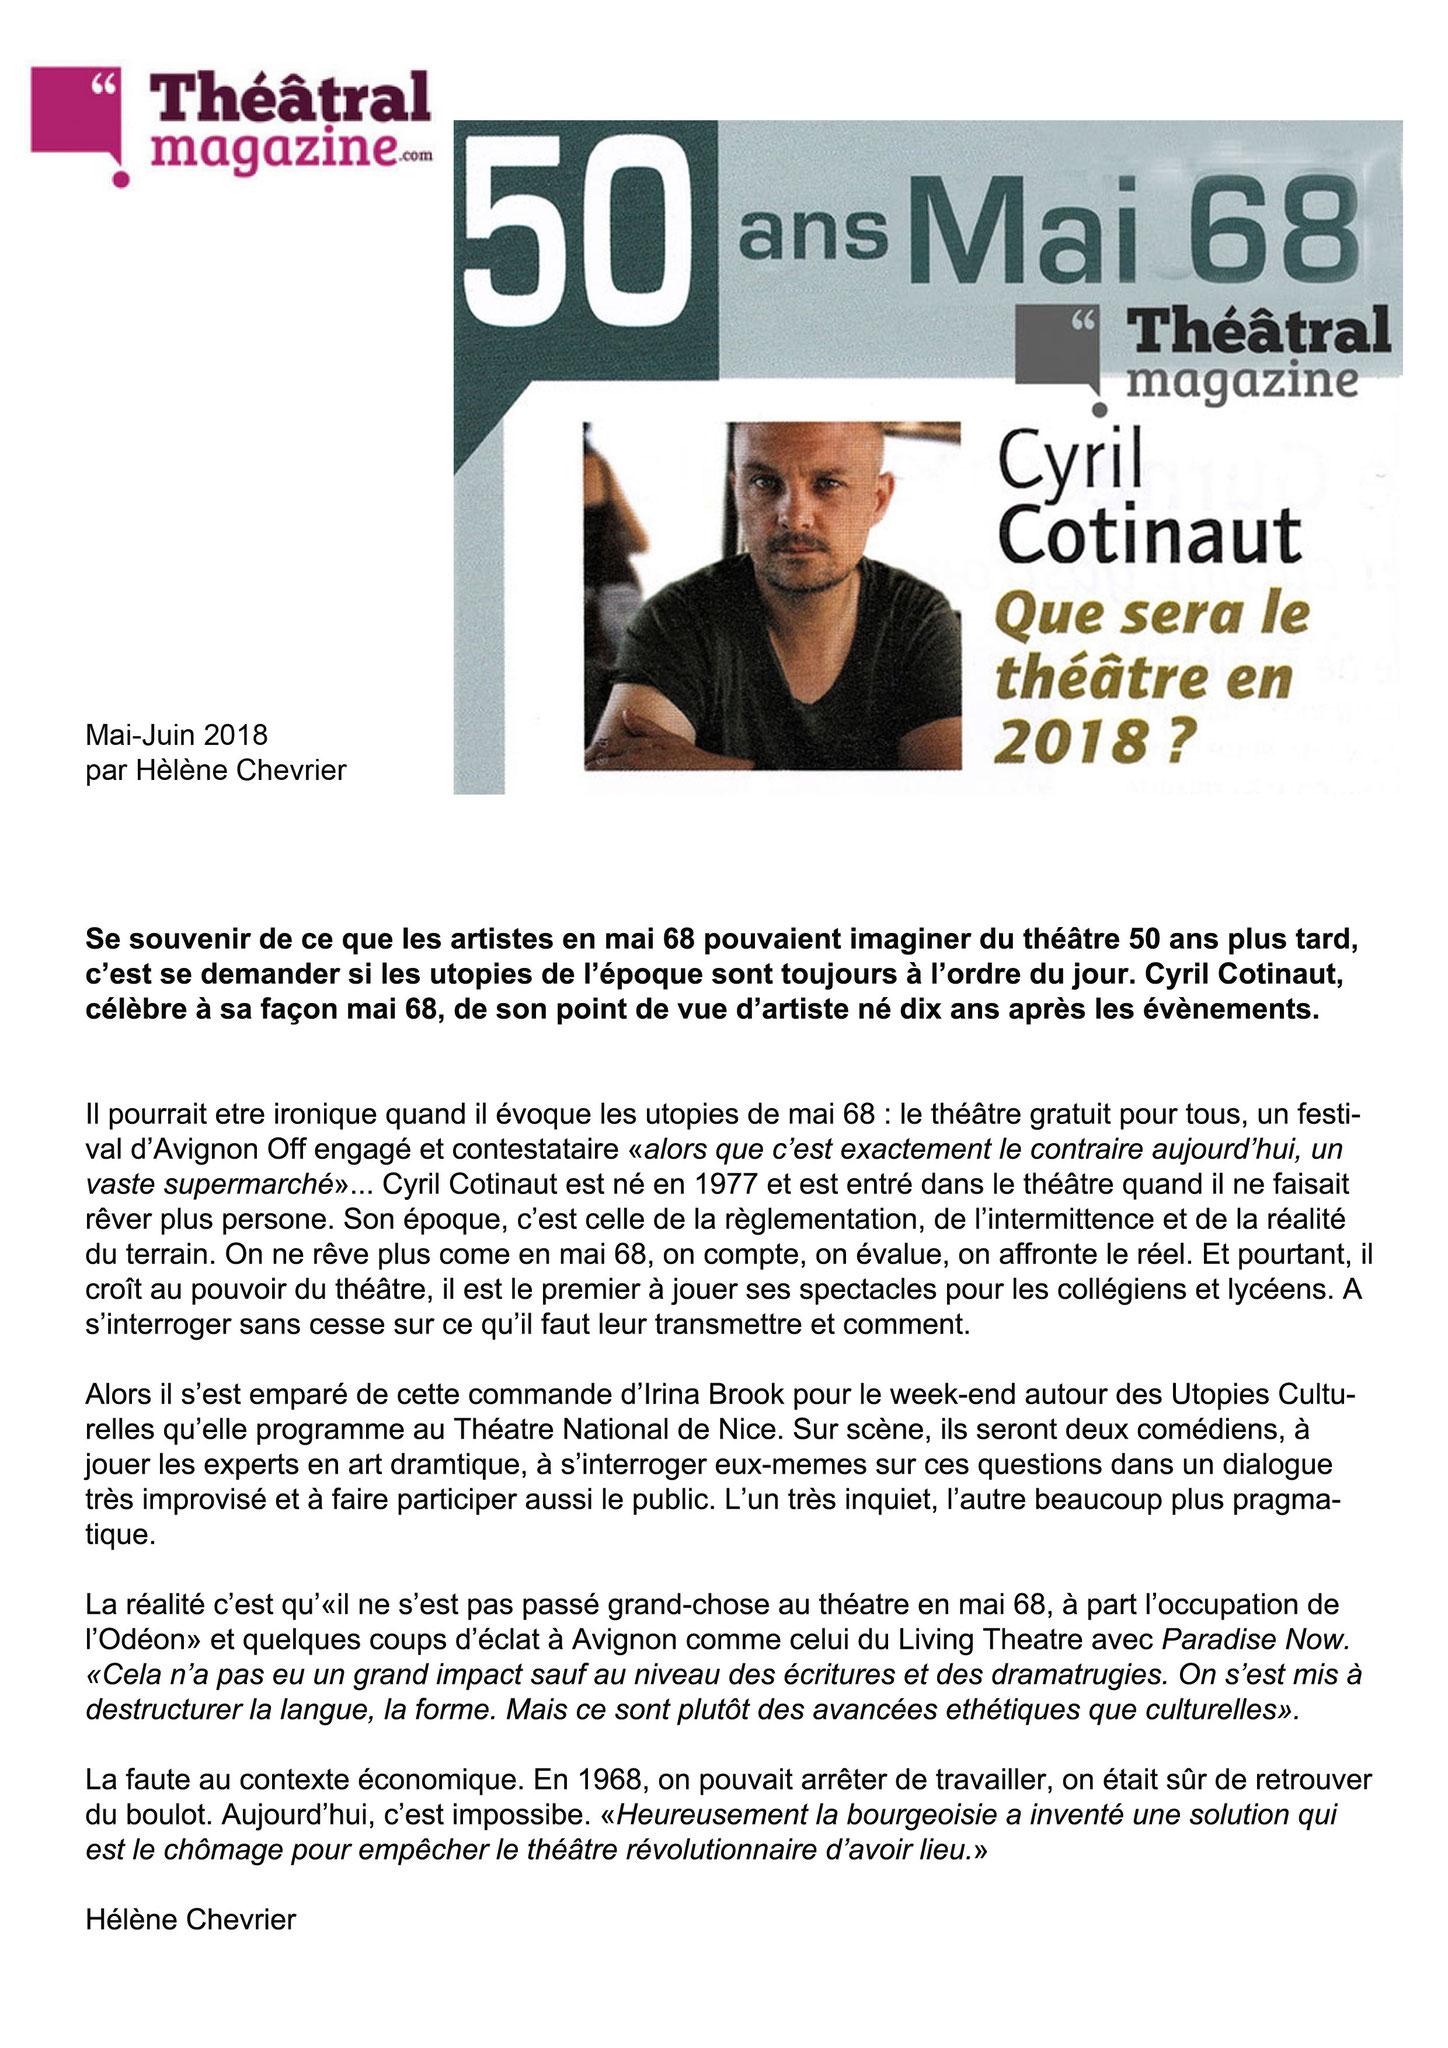 Restranscription article THEATRAL MAGAZINE - Hélène Chevrier - Mai 2018